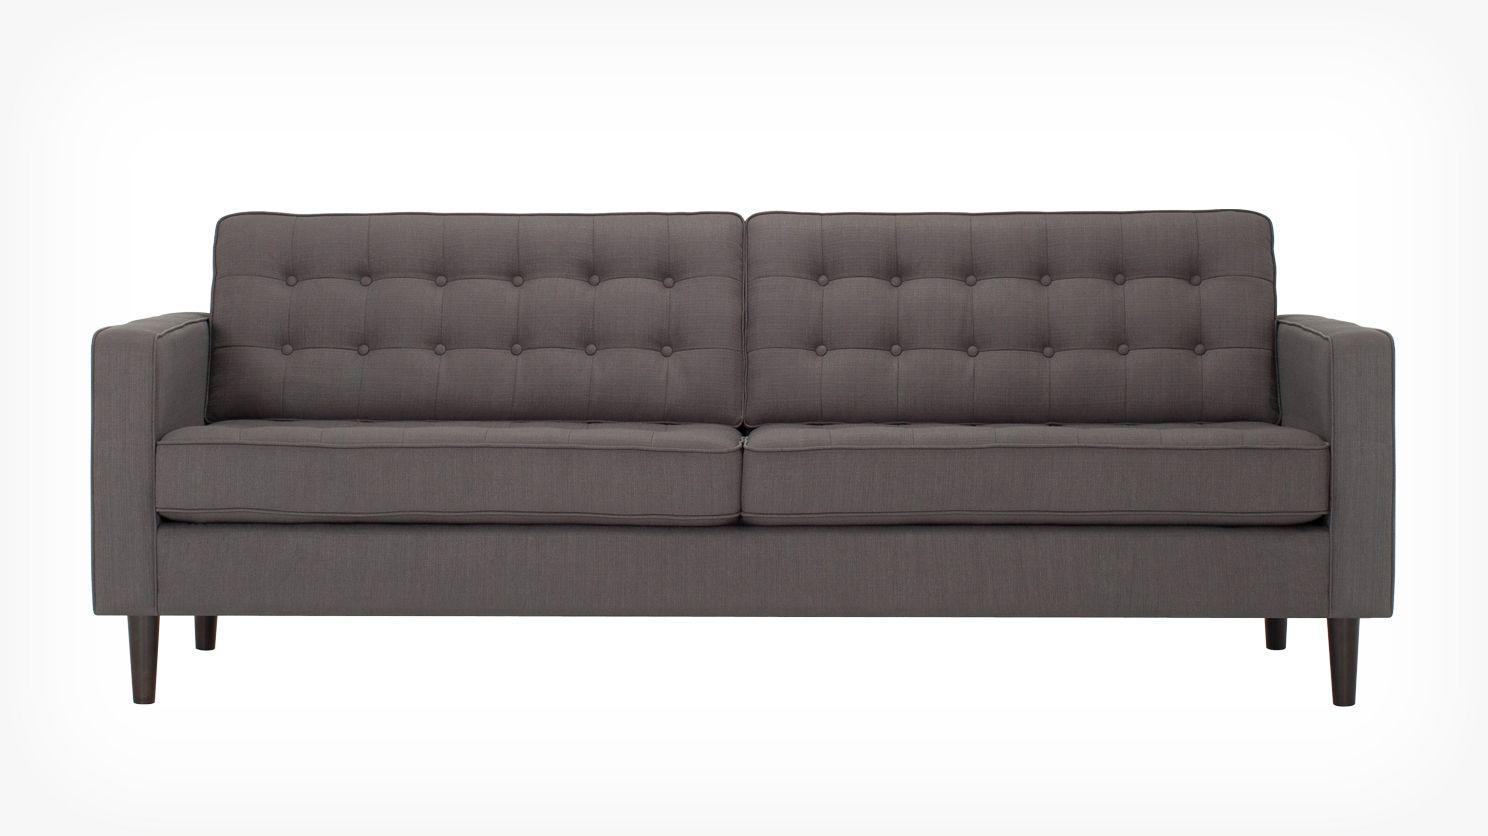 canap reverie 86 po tissu d co pinterest salon d co salon et deco. Black Bedroom Furniture Sets. Home Design Ideas